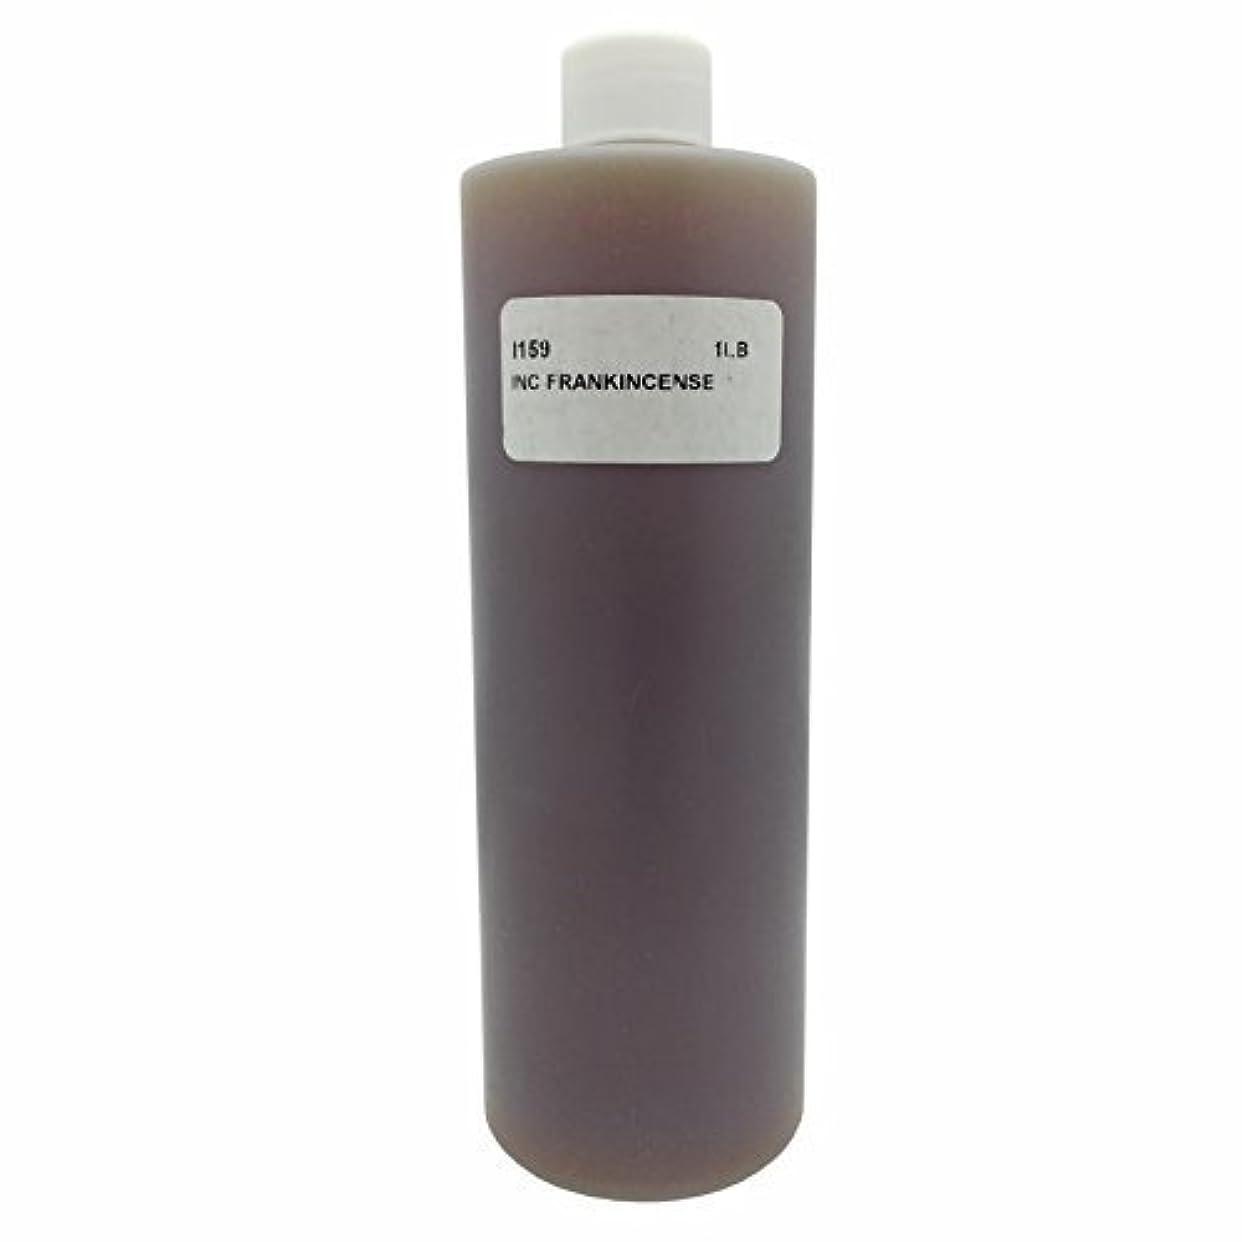 を除く受付果てしないBargz Perfume?–?Frankincense Incenseオイル香りフレグランス